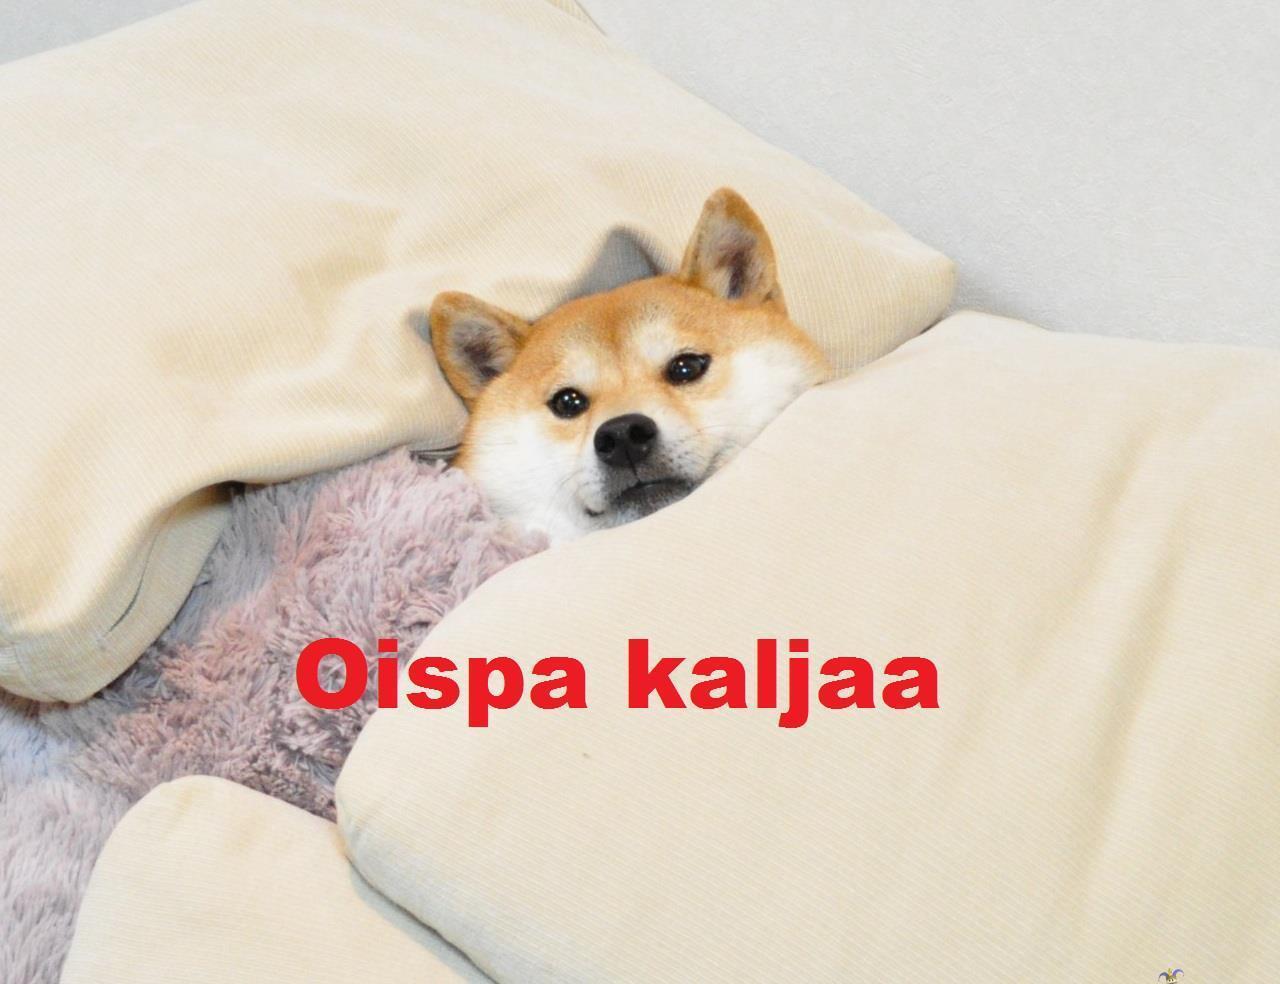 Oispa Kaljaa Meme